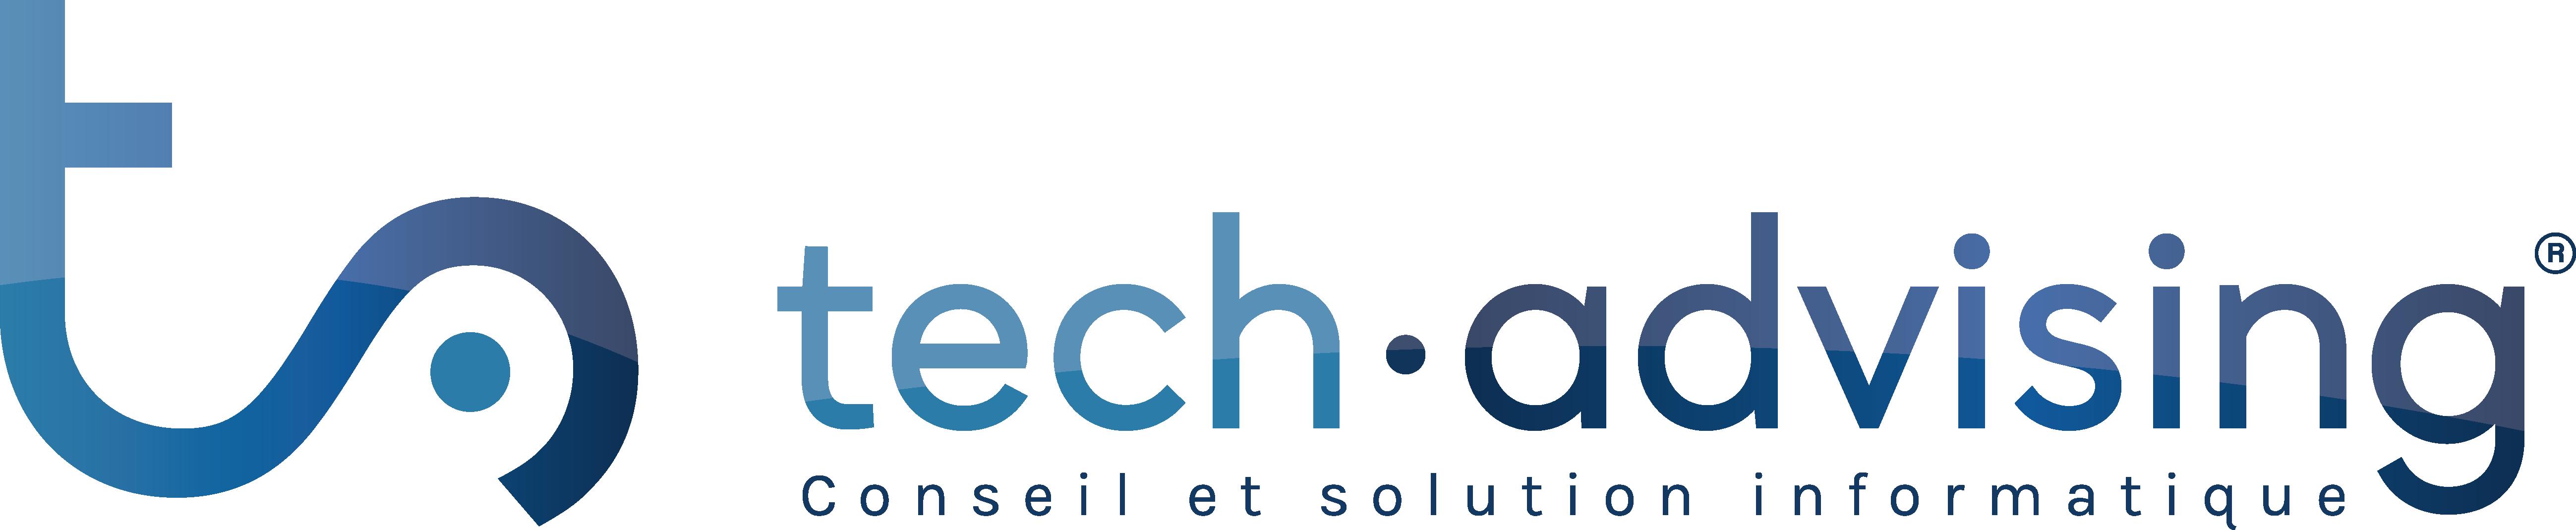 Tech Advising